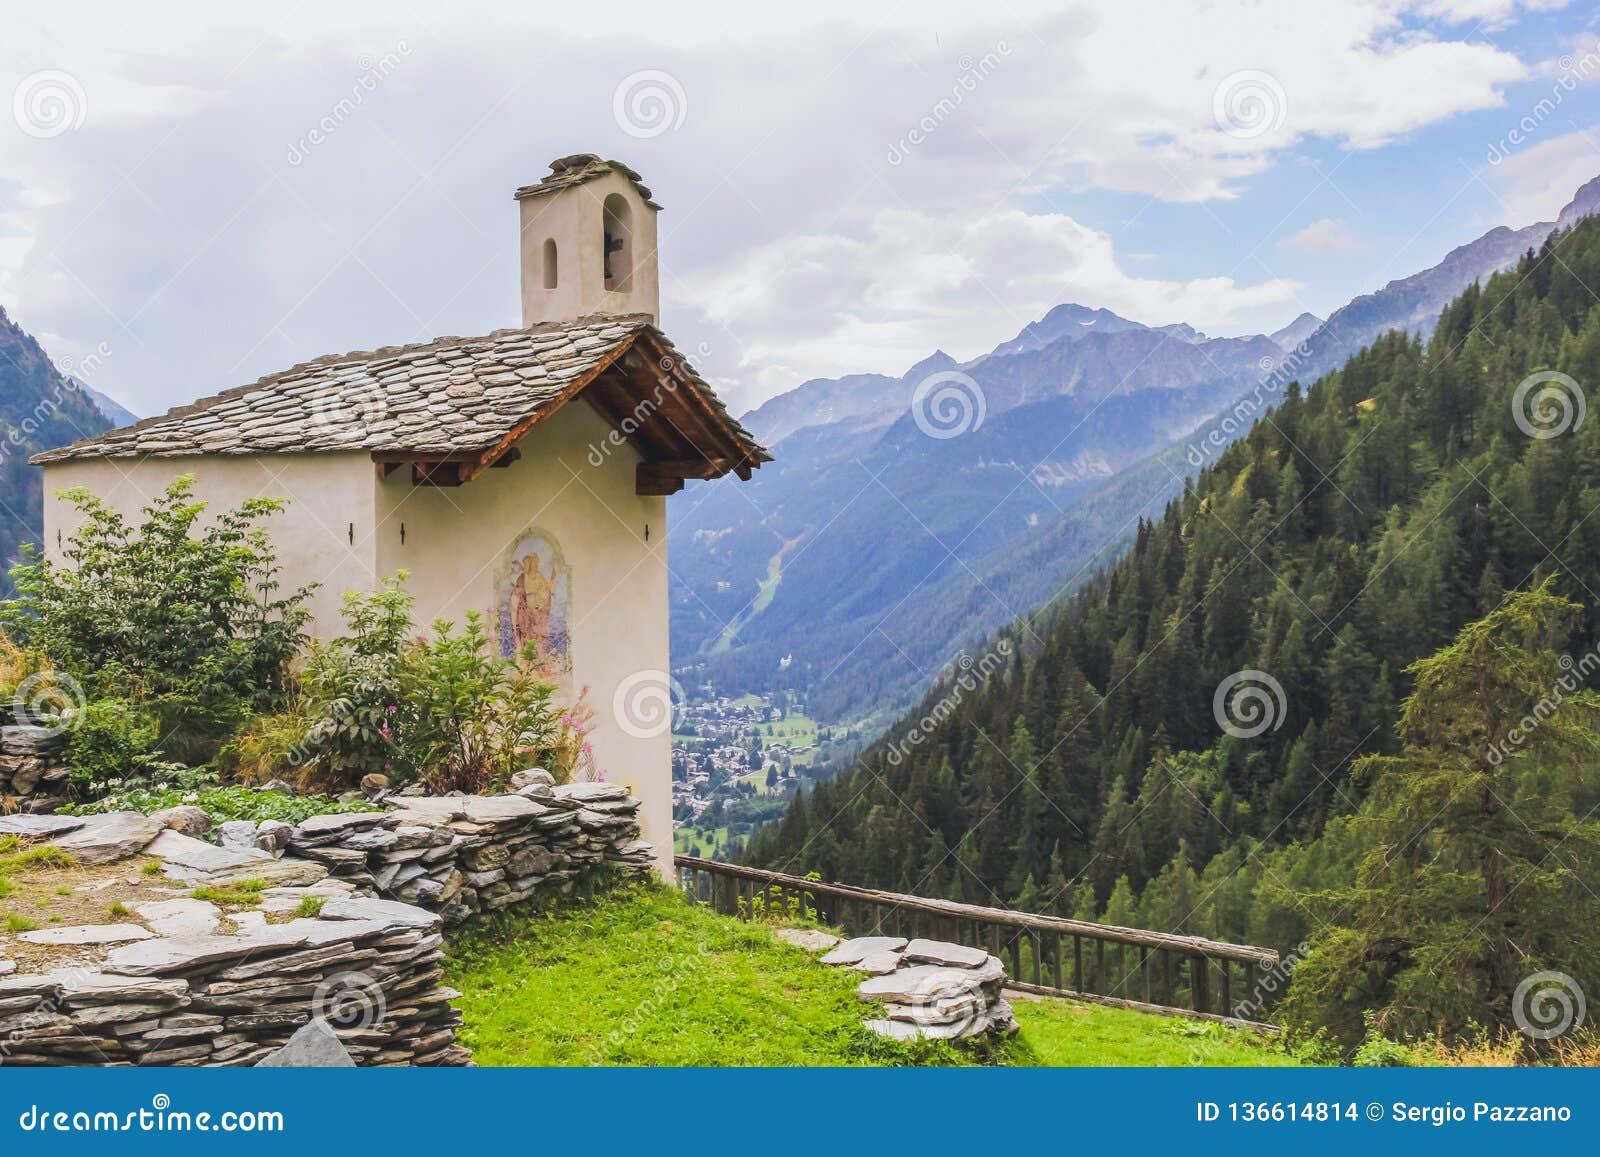 Iglesia en un pueblo alpino en el valle de Gressoney cerca de Monte Rosa